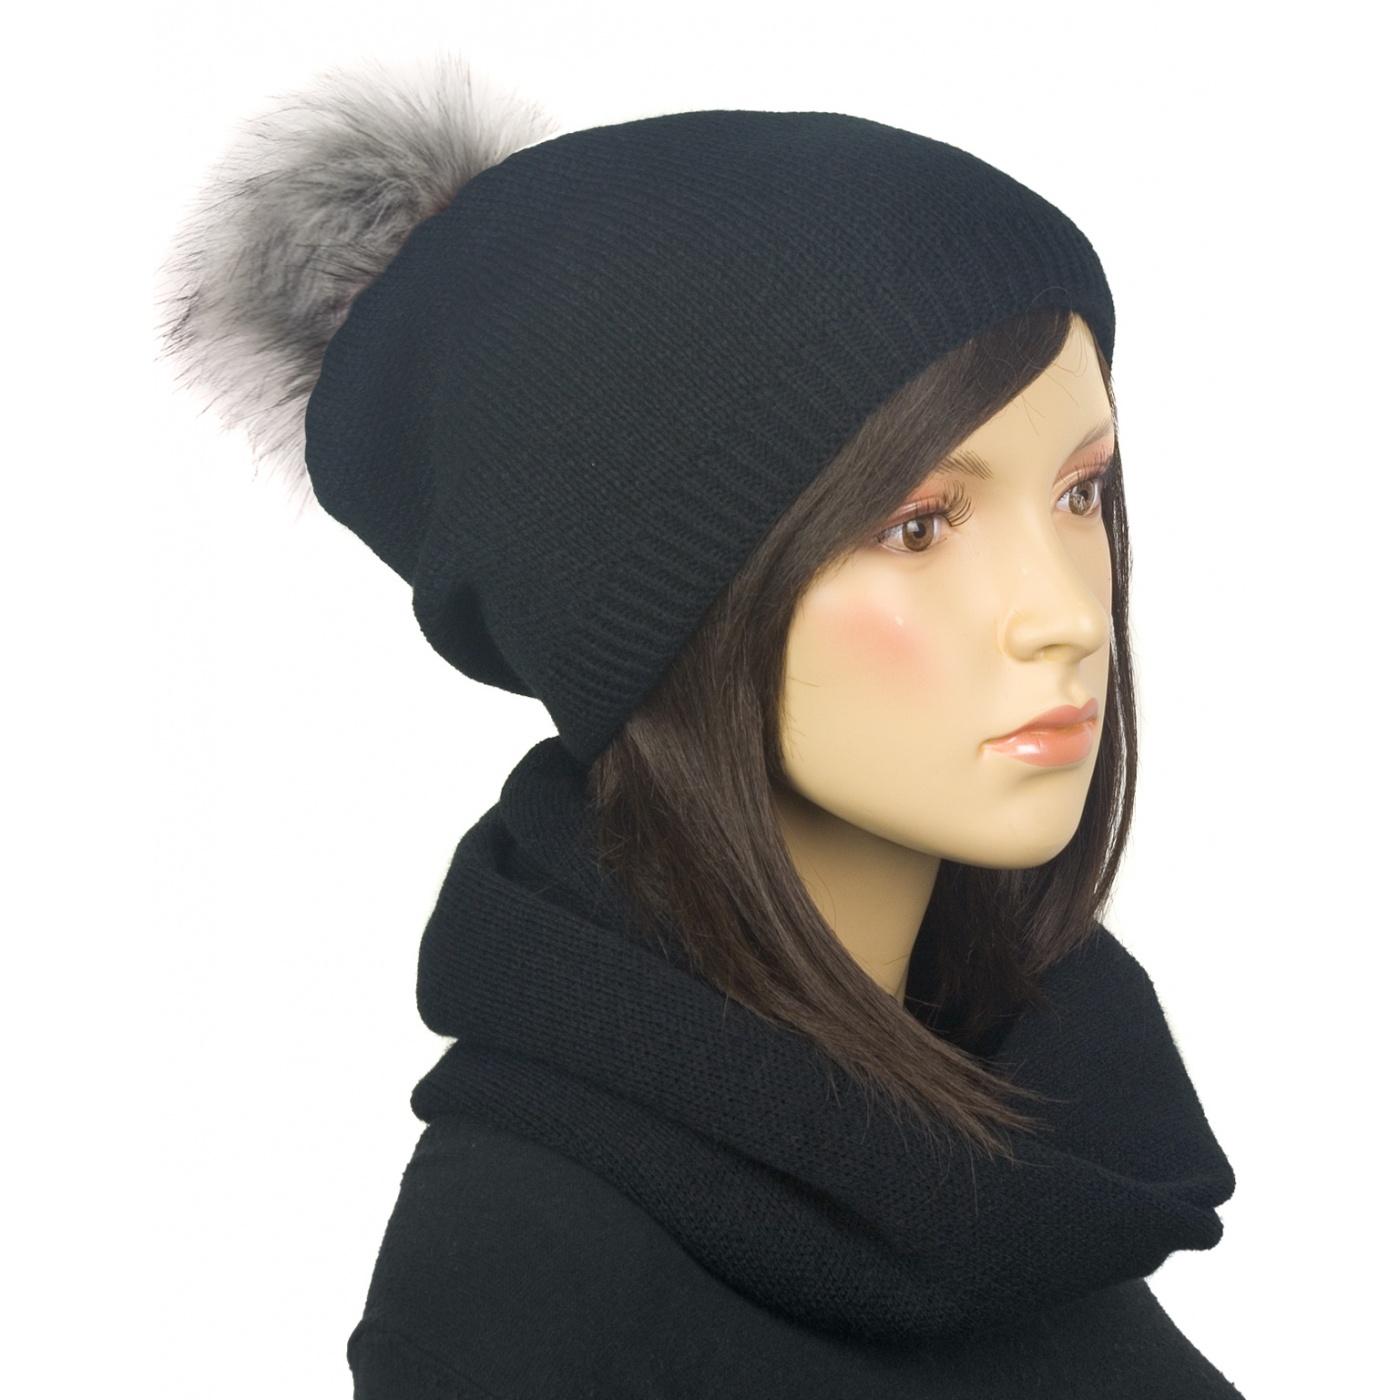 Komplet zimowy damski czapka z pomponem i szalik komin - czarny